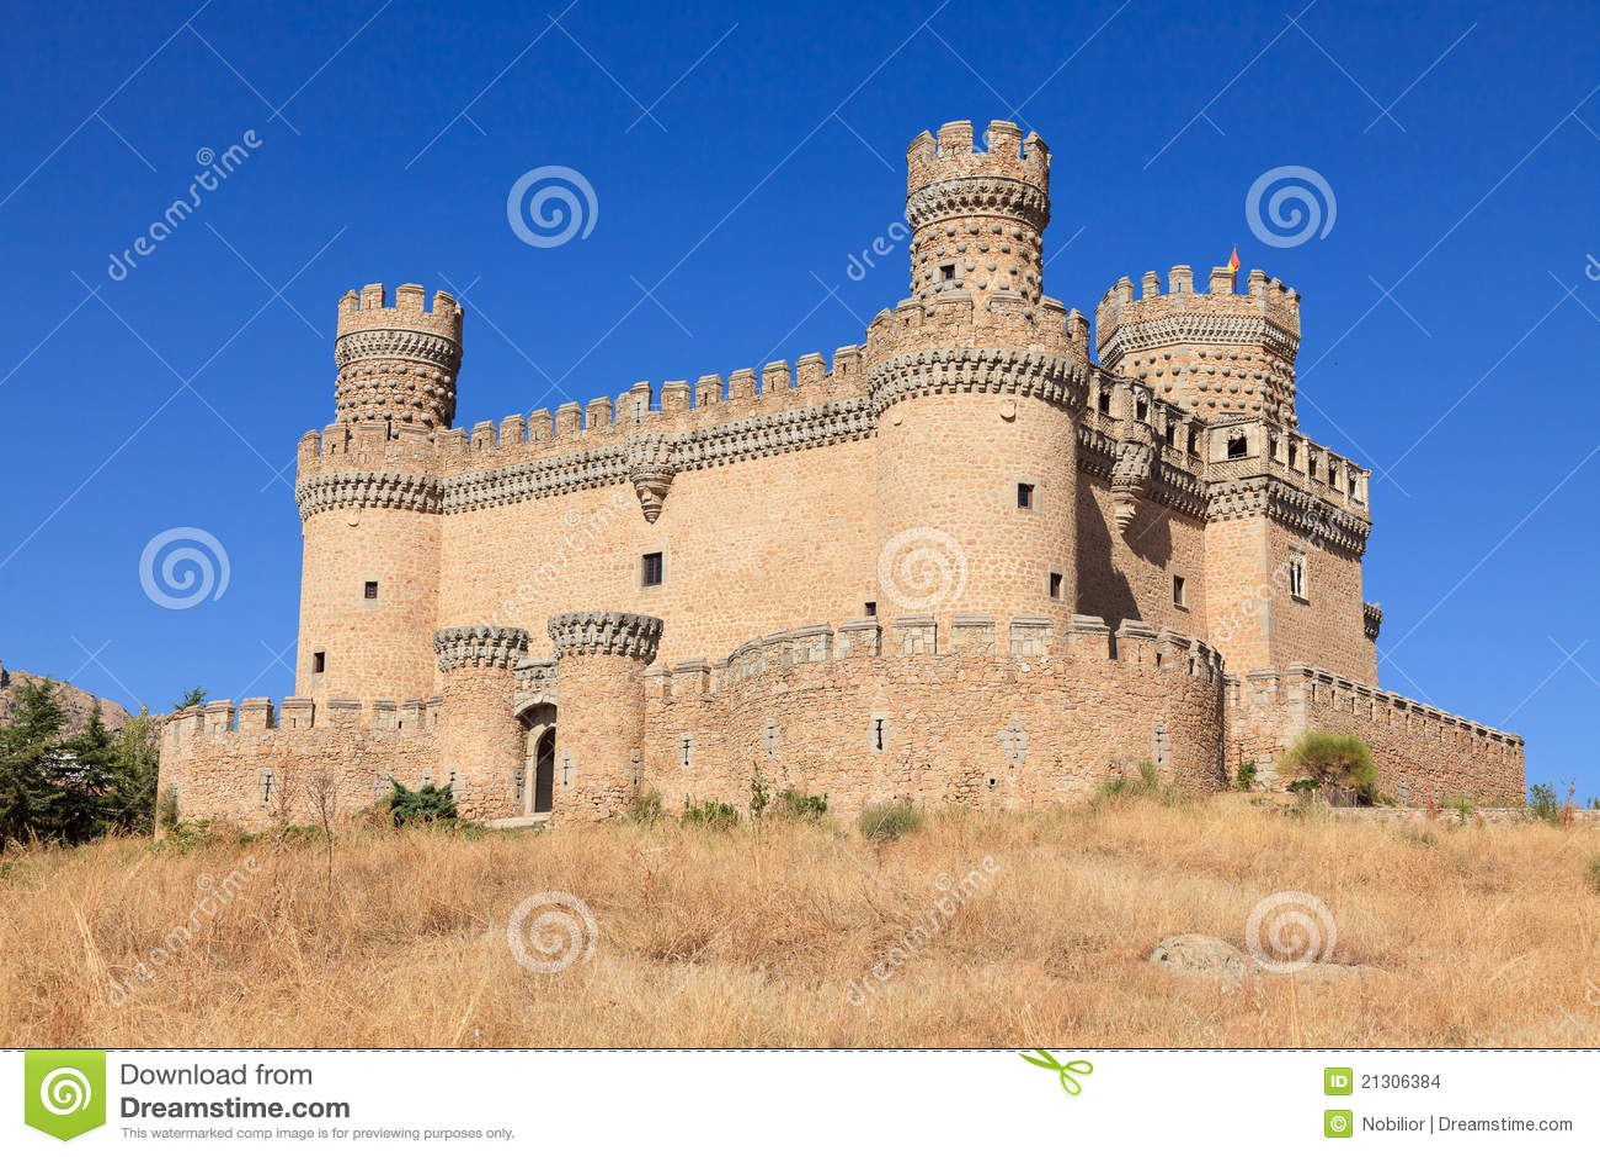 Castle Manzanares El Real Stock Images - Image: 21306384